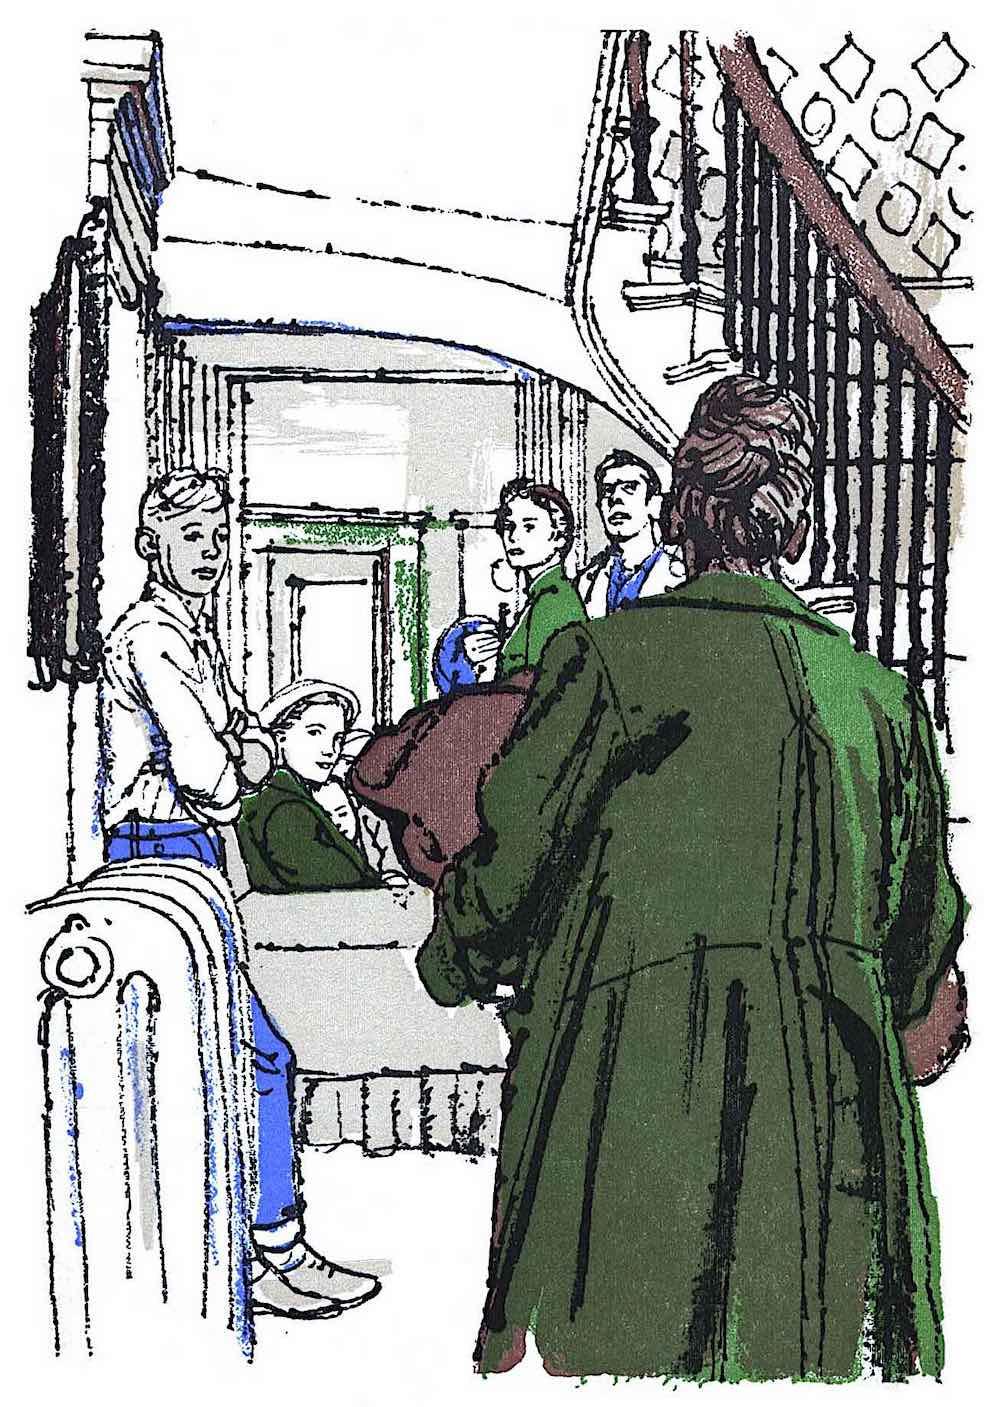 an Austin Briggs illustration, Reader's Digest